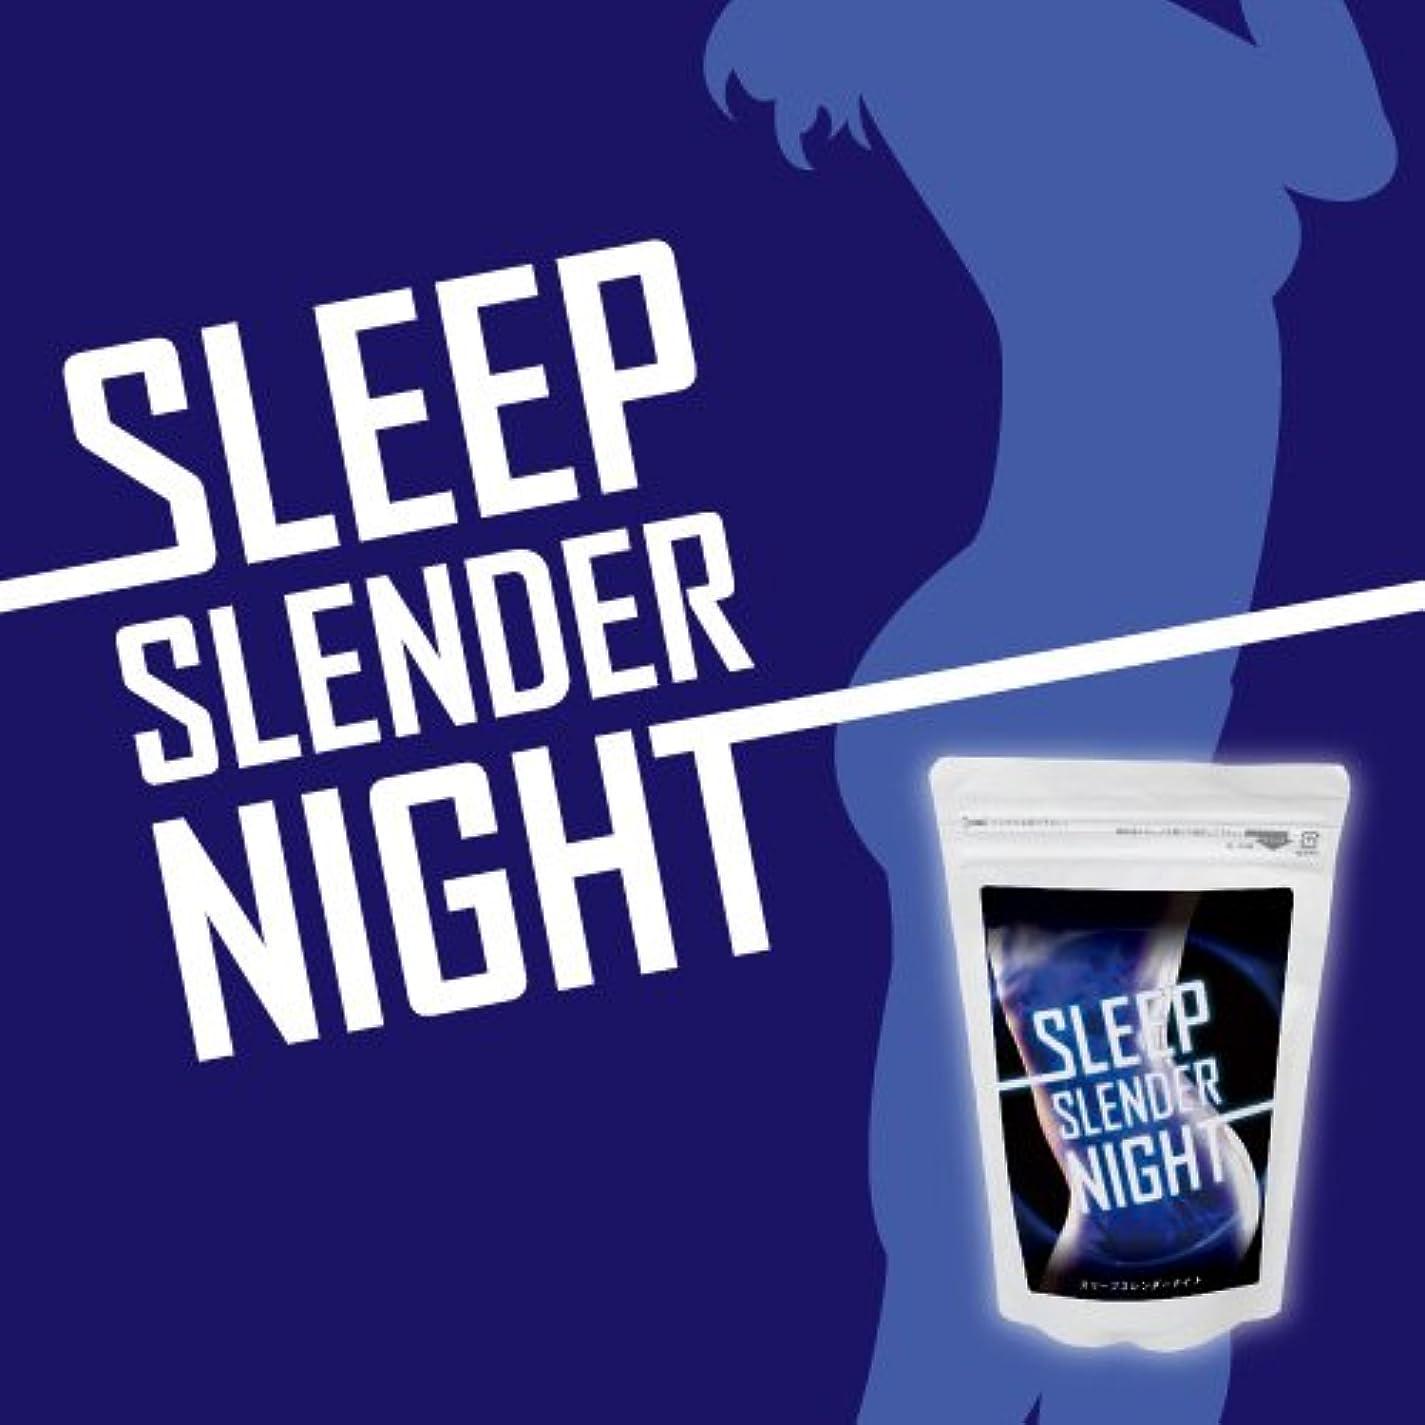 羊の盲信おとうさんSleep Slender Night(スリープスレンダーナイト) ダイエット ダイエットサプリ 送料無料